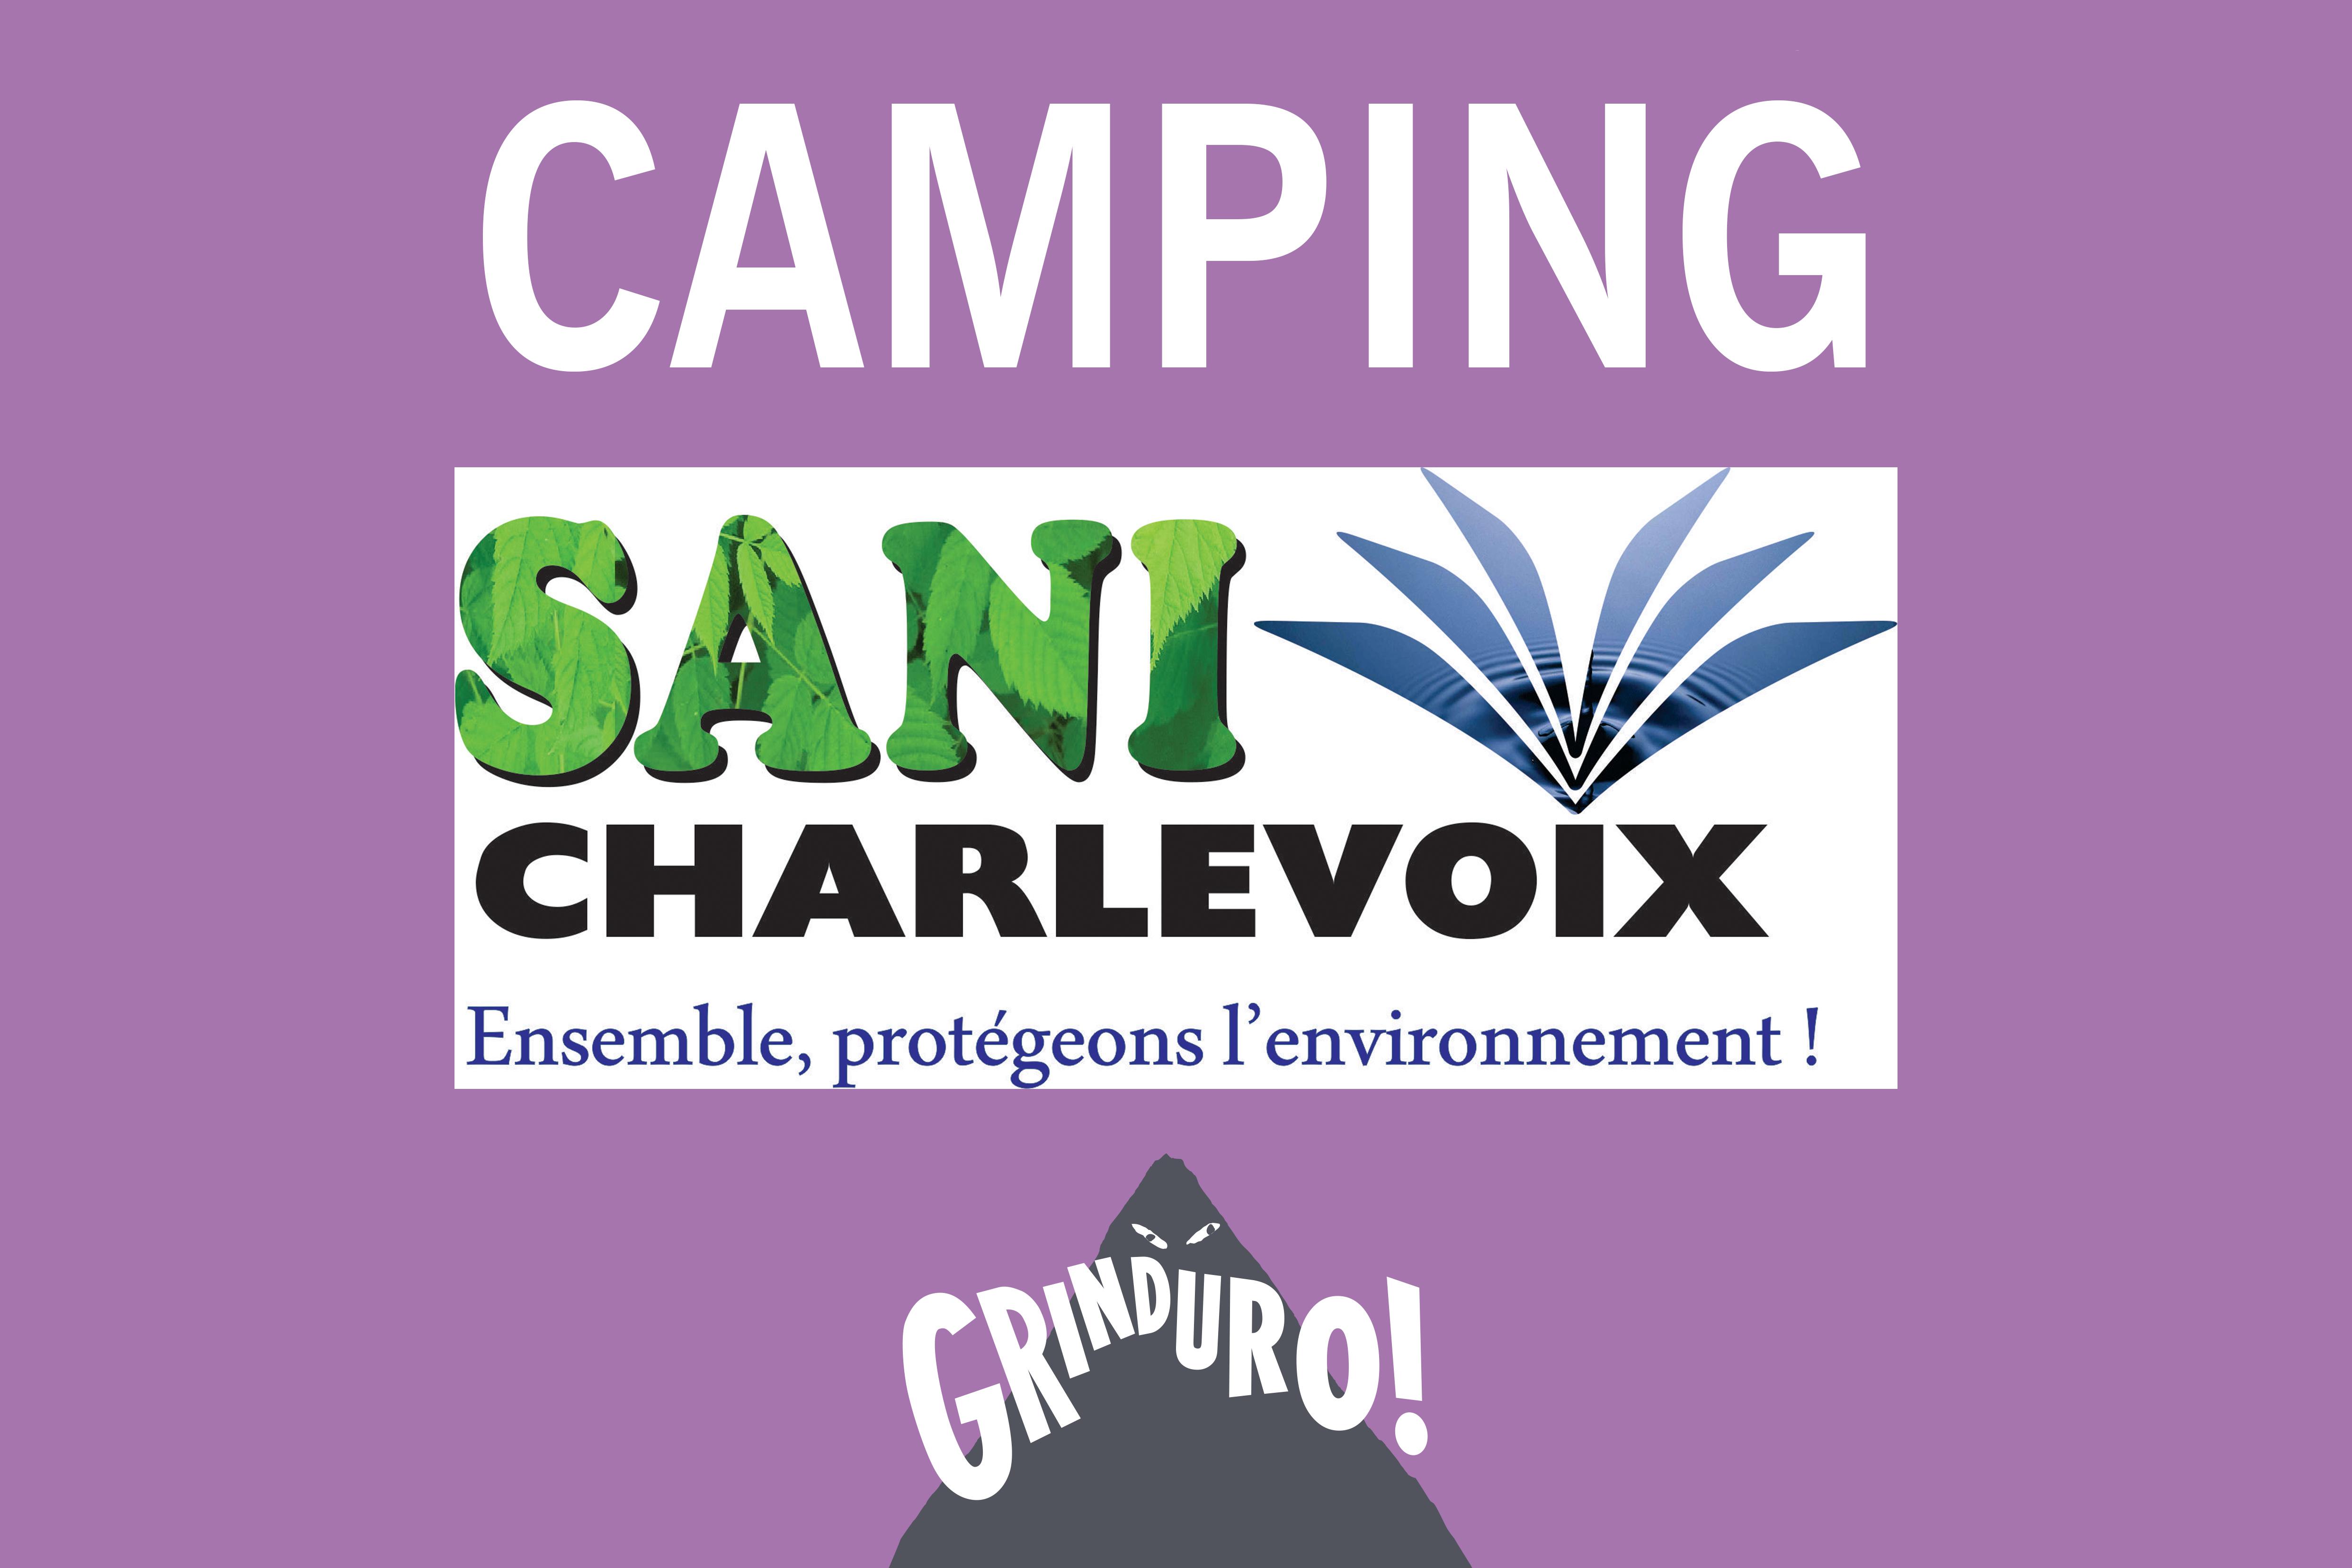 Camping 24×36 Sani